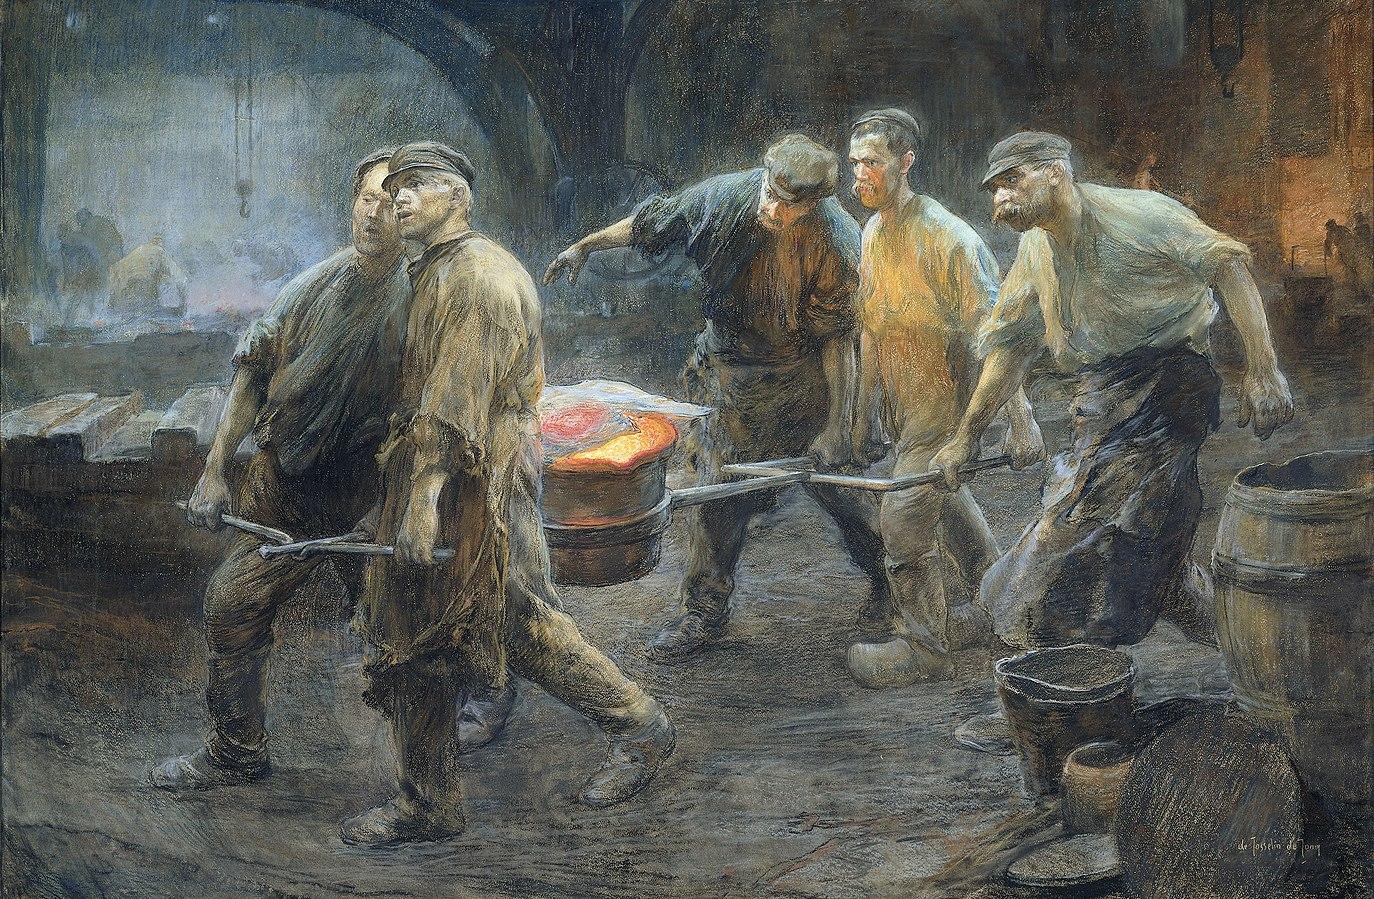 Interieur van een ijzergieterij